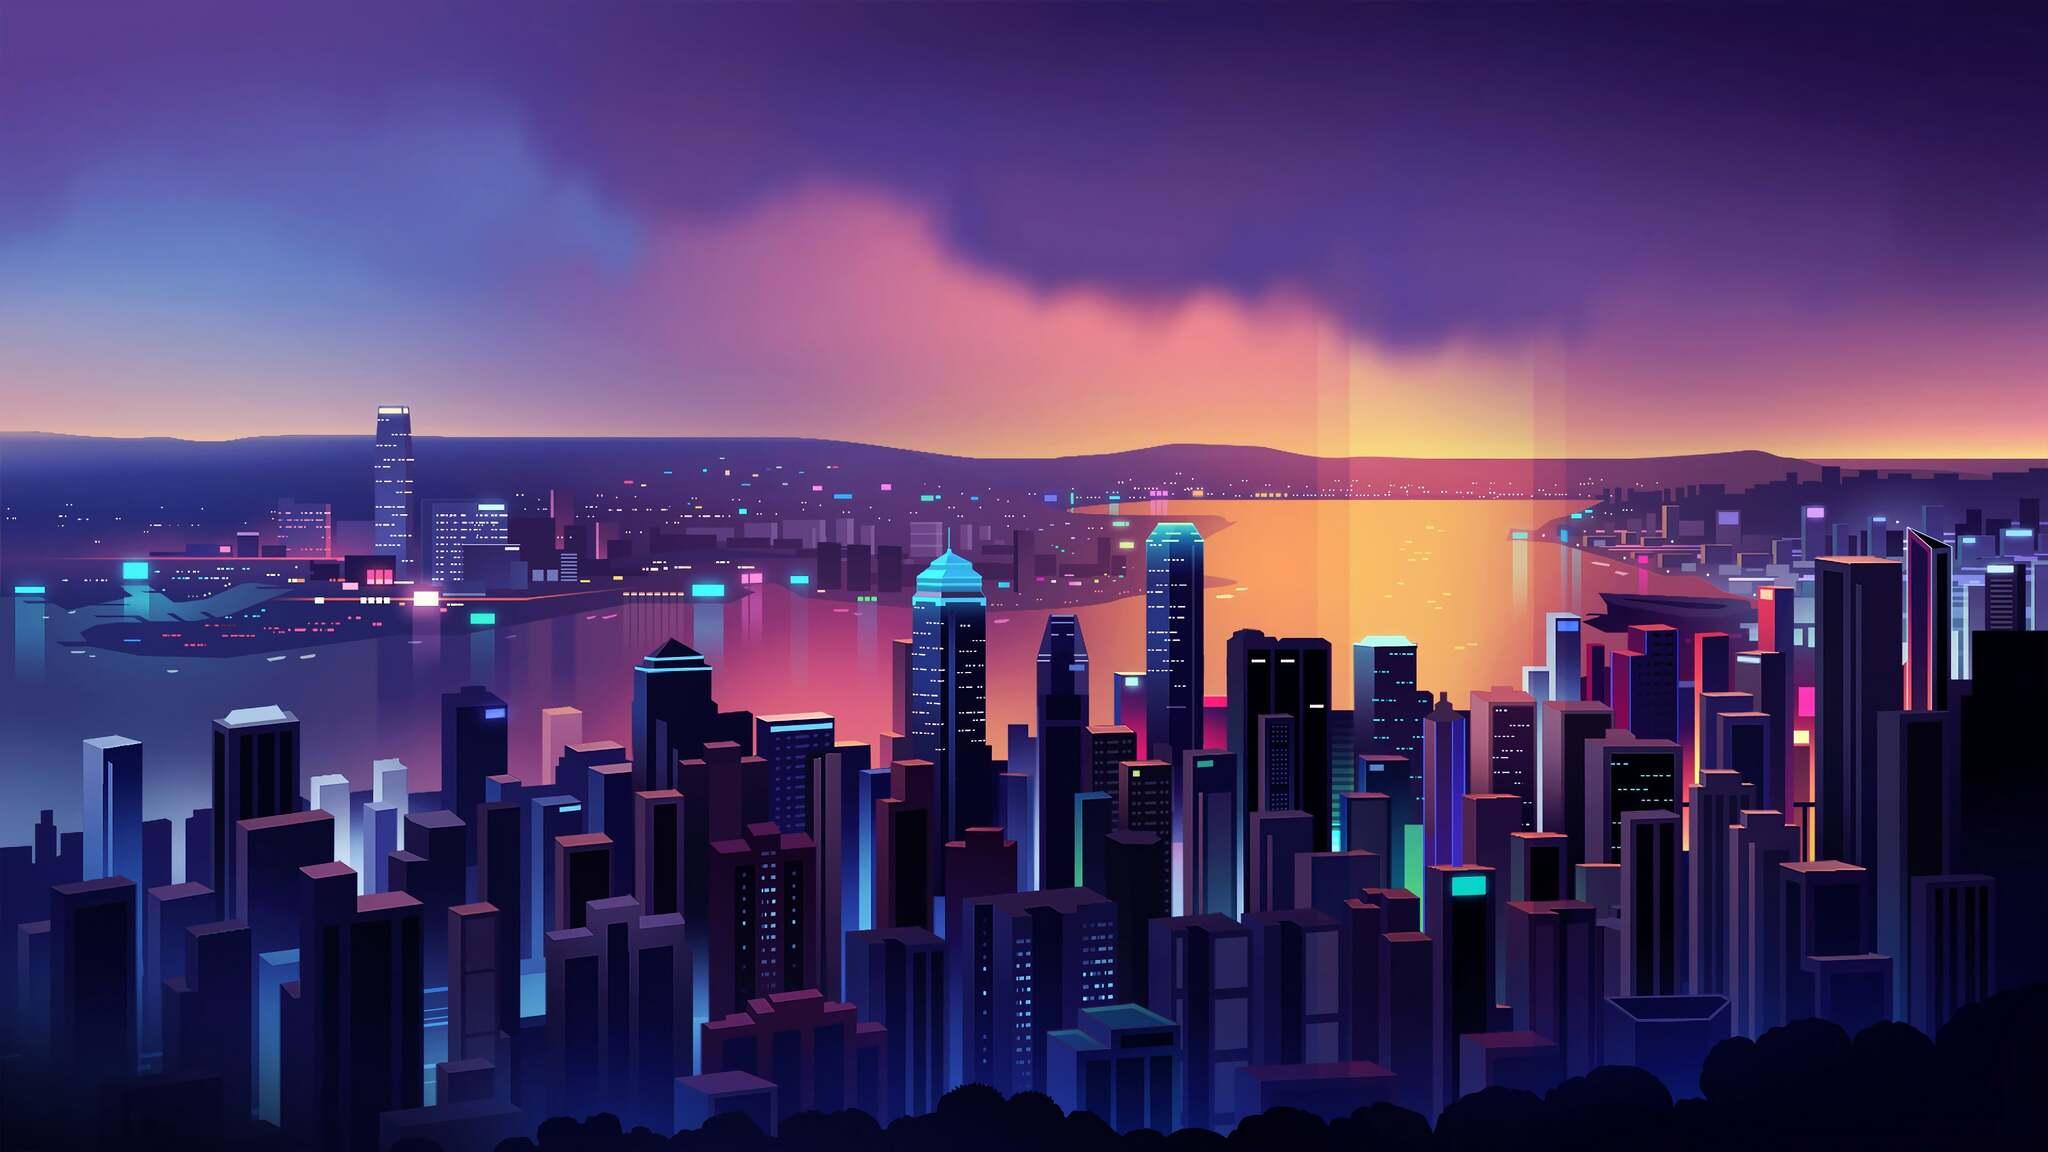 modern-city-at-dusk-buildings-lights-4k-88.jpg